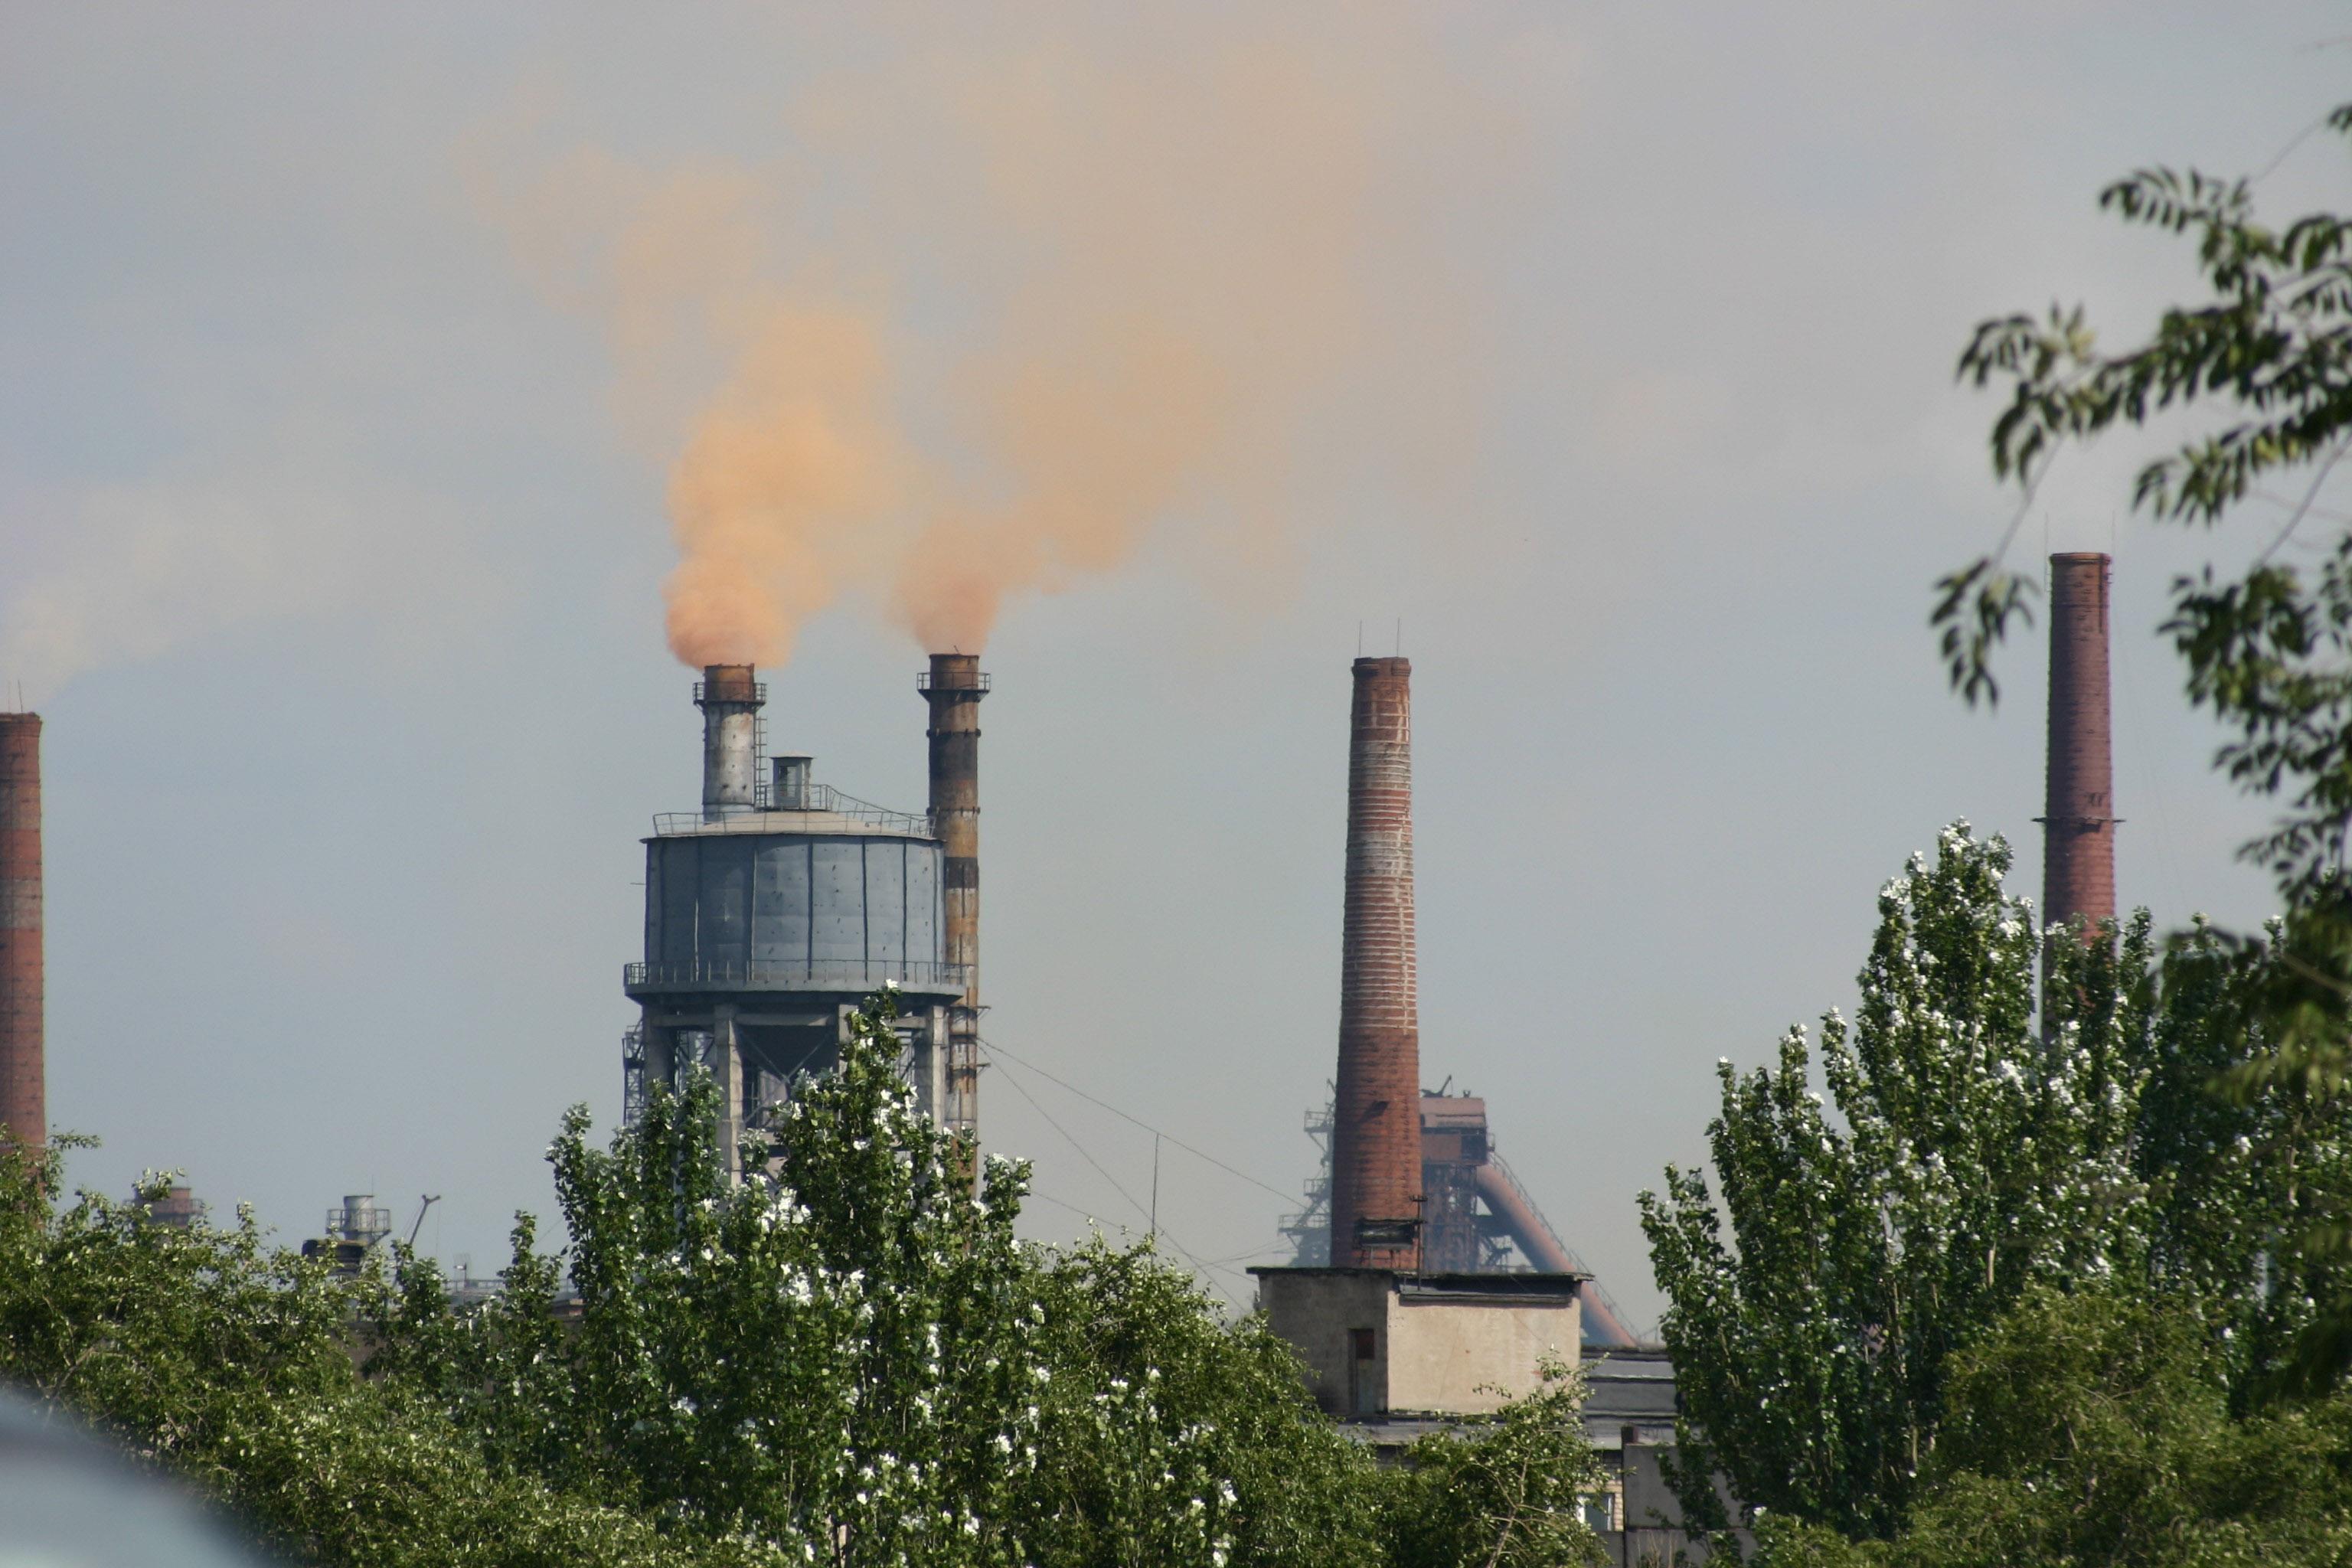 Donezk_Schwerindustrie_rauchender_Schornstein